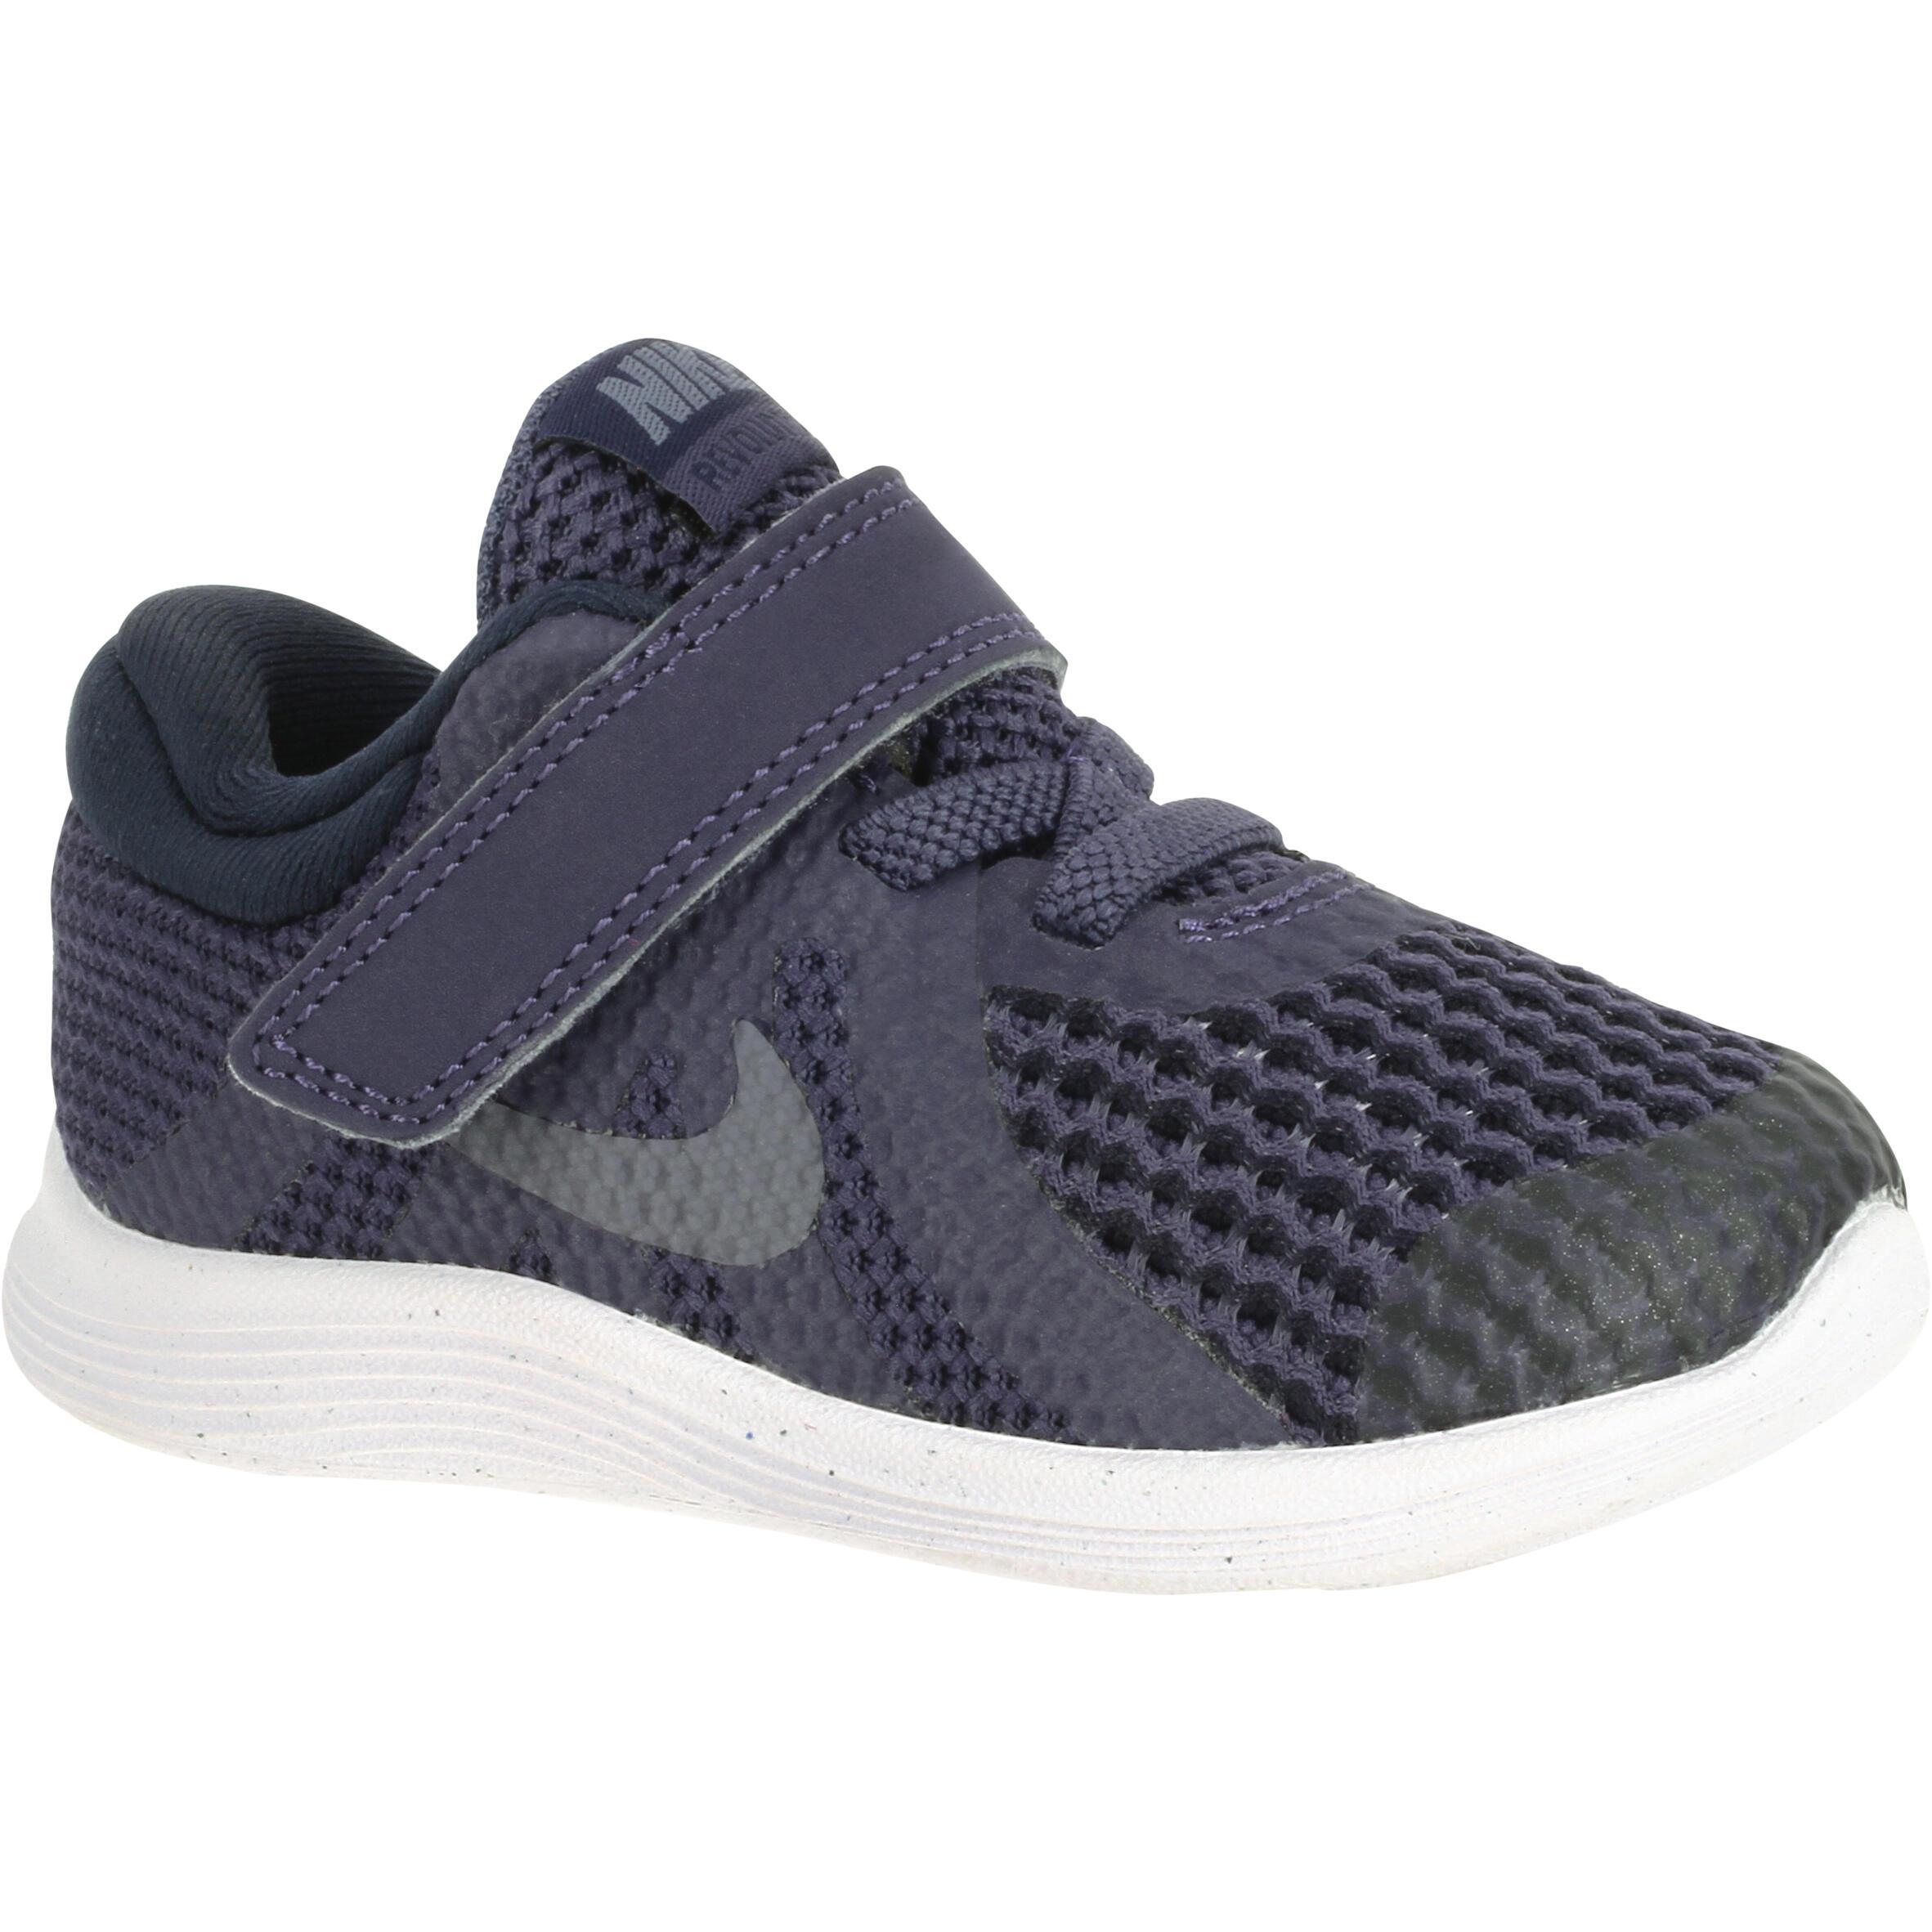 Nabo bota carga  zapatillas nike bebe talla 22 official store d9341 c9090